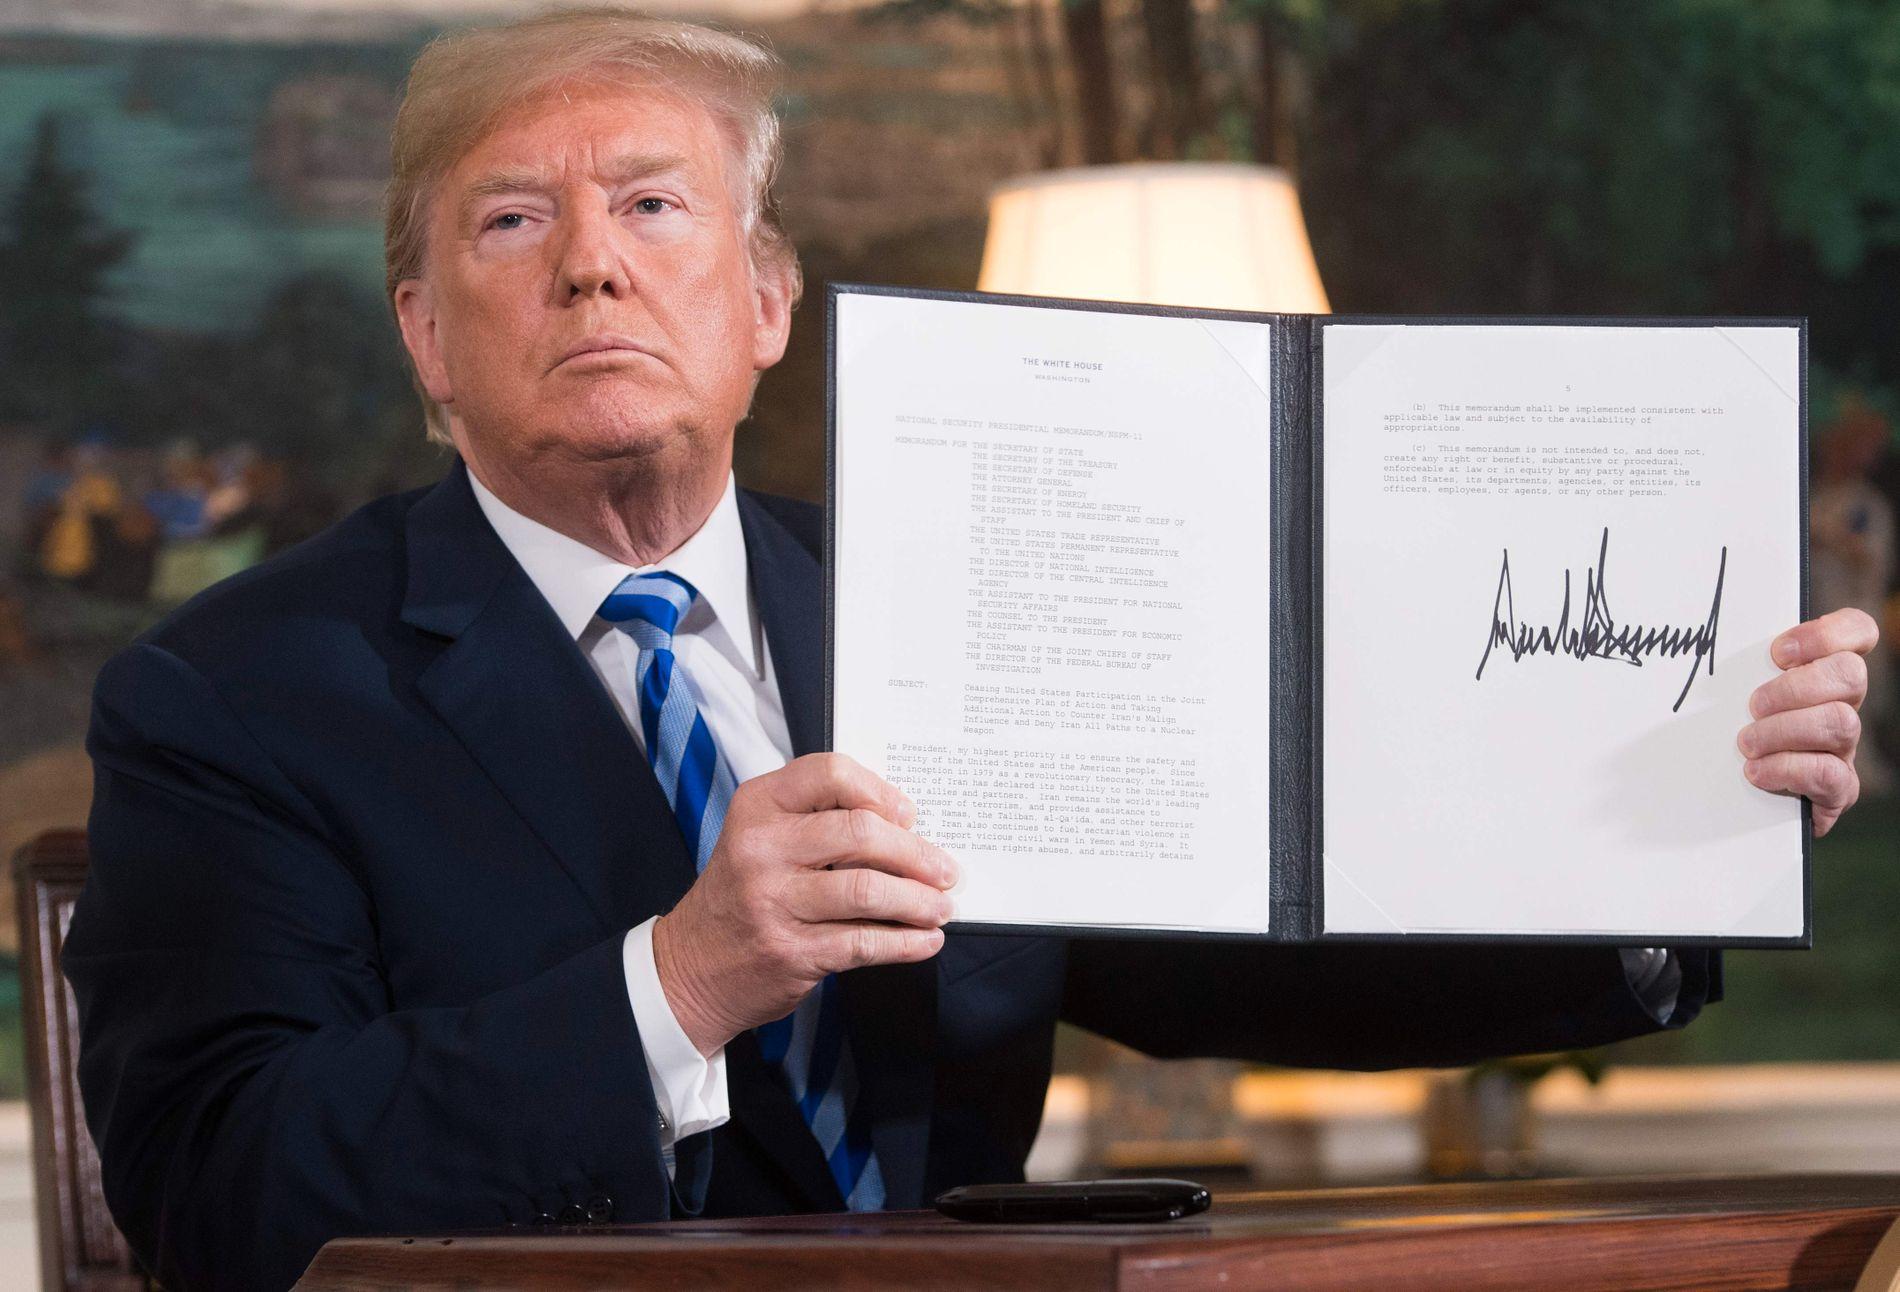 VRAKER AVTALE: President Donald Trump viser frem et dokument 8. mai i fjor som gjeninnfører sanksjoner mot Iran. Etter at USA sa opp atomavtalen har spenningen økt kraftig mellom de to land.